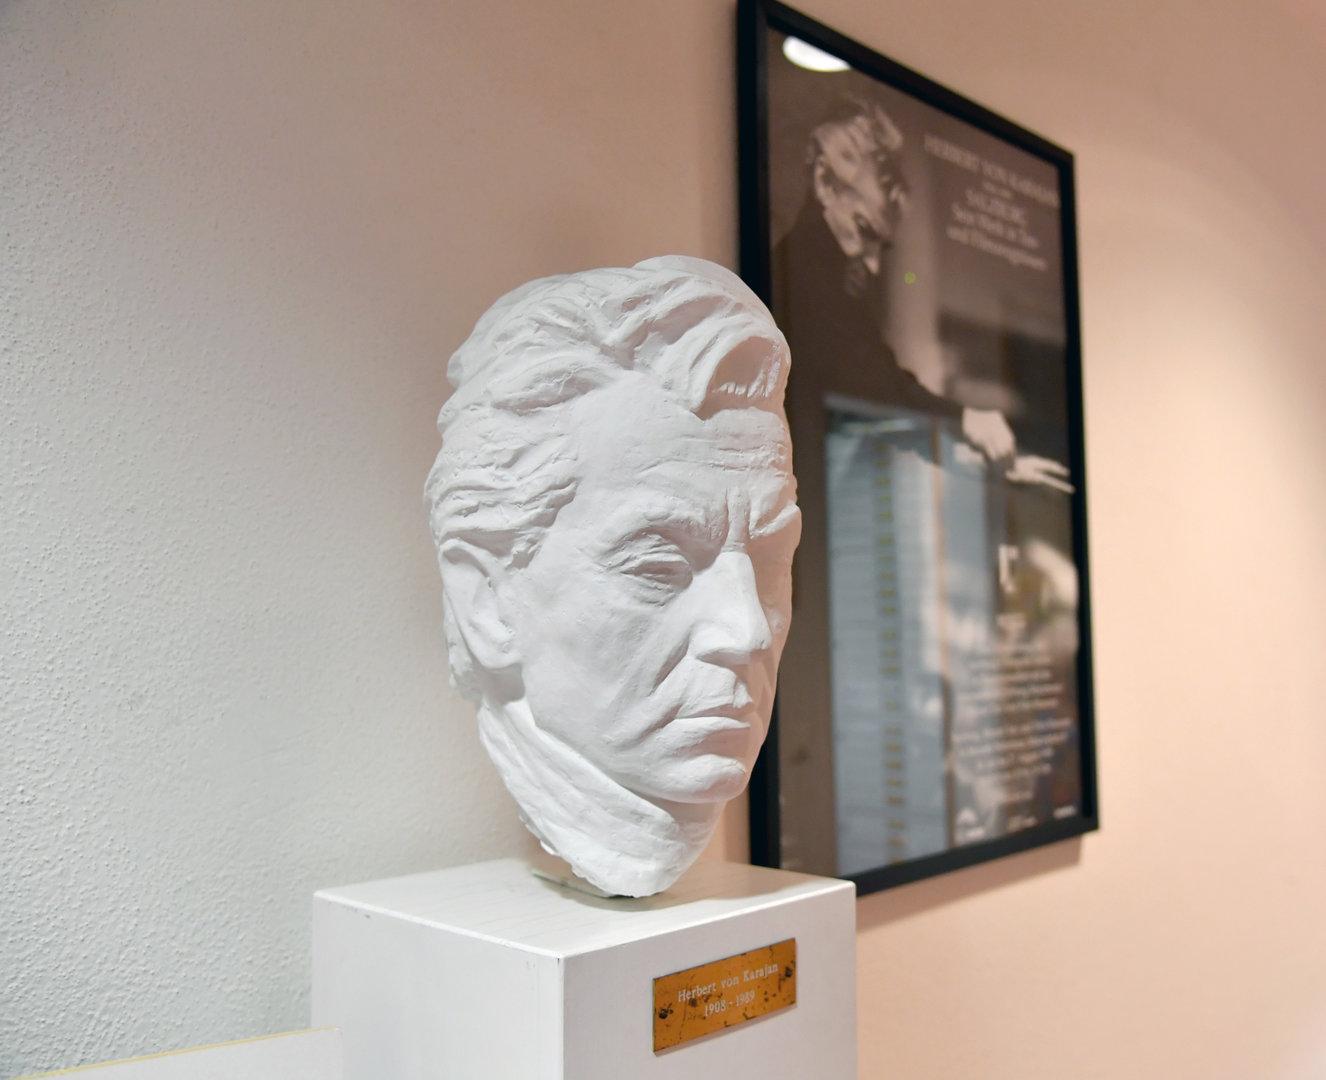 Trenkler Tratsch: Wie Herbert von Karajan entnazifiziert wurde